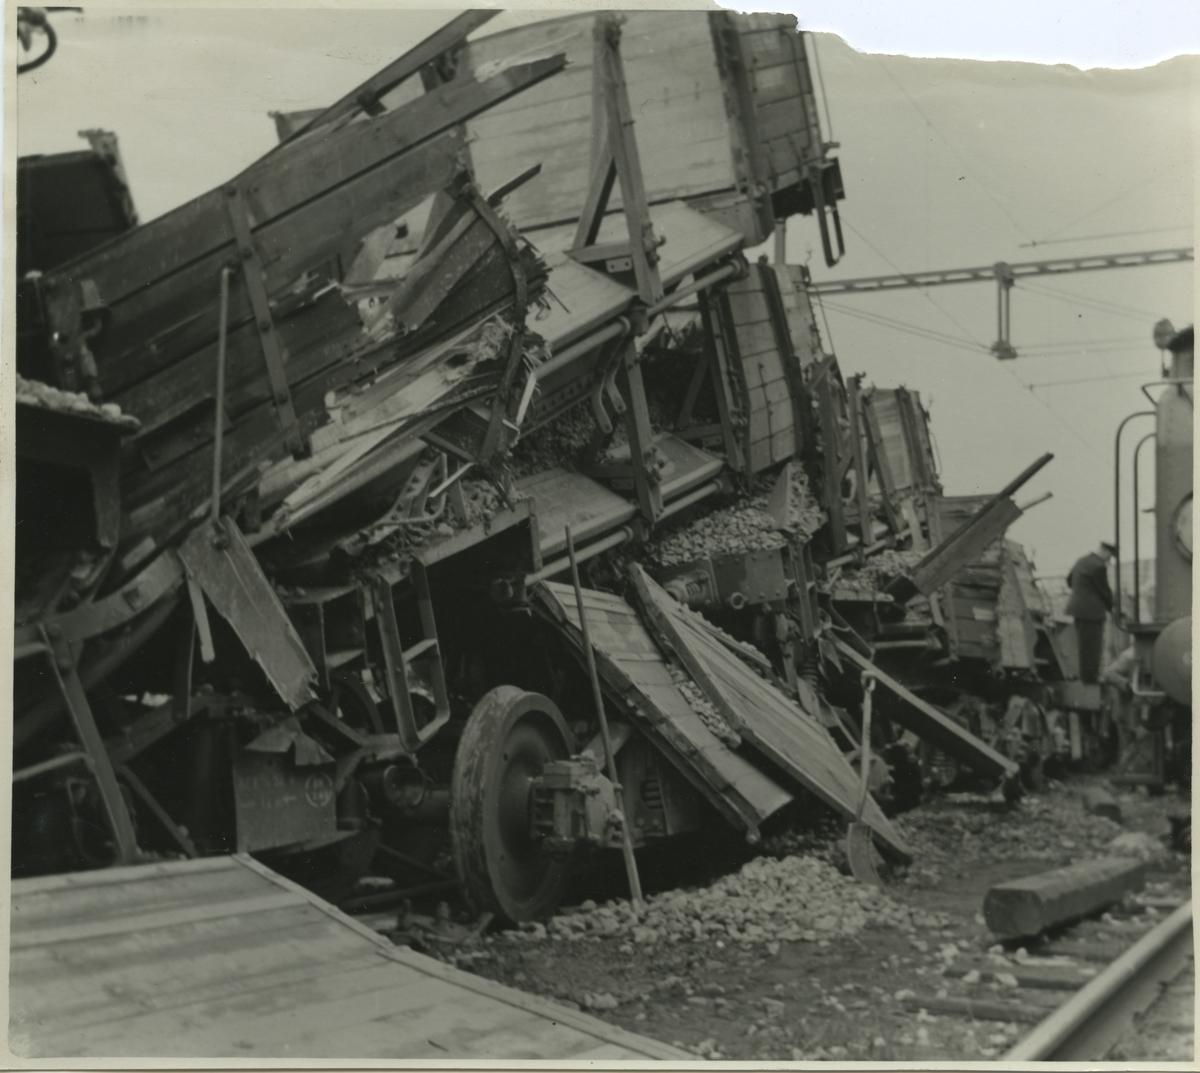 Tågolycka. Statens Järnvägar, SJ 423 och SJ 491.